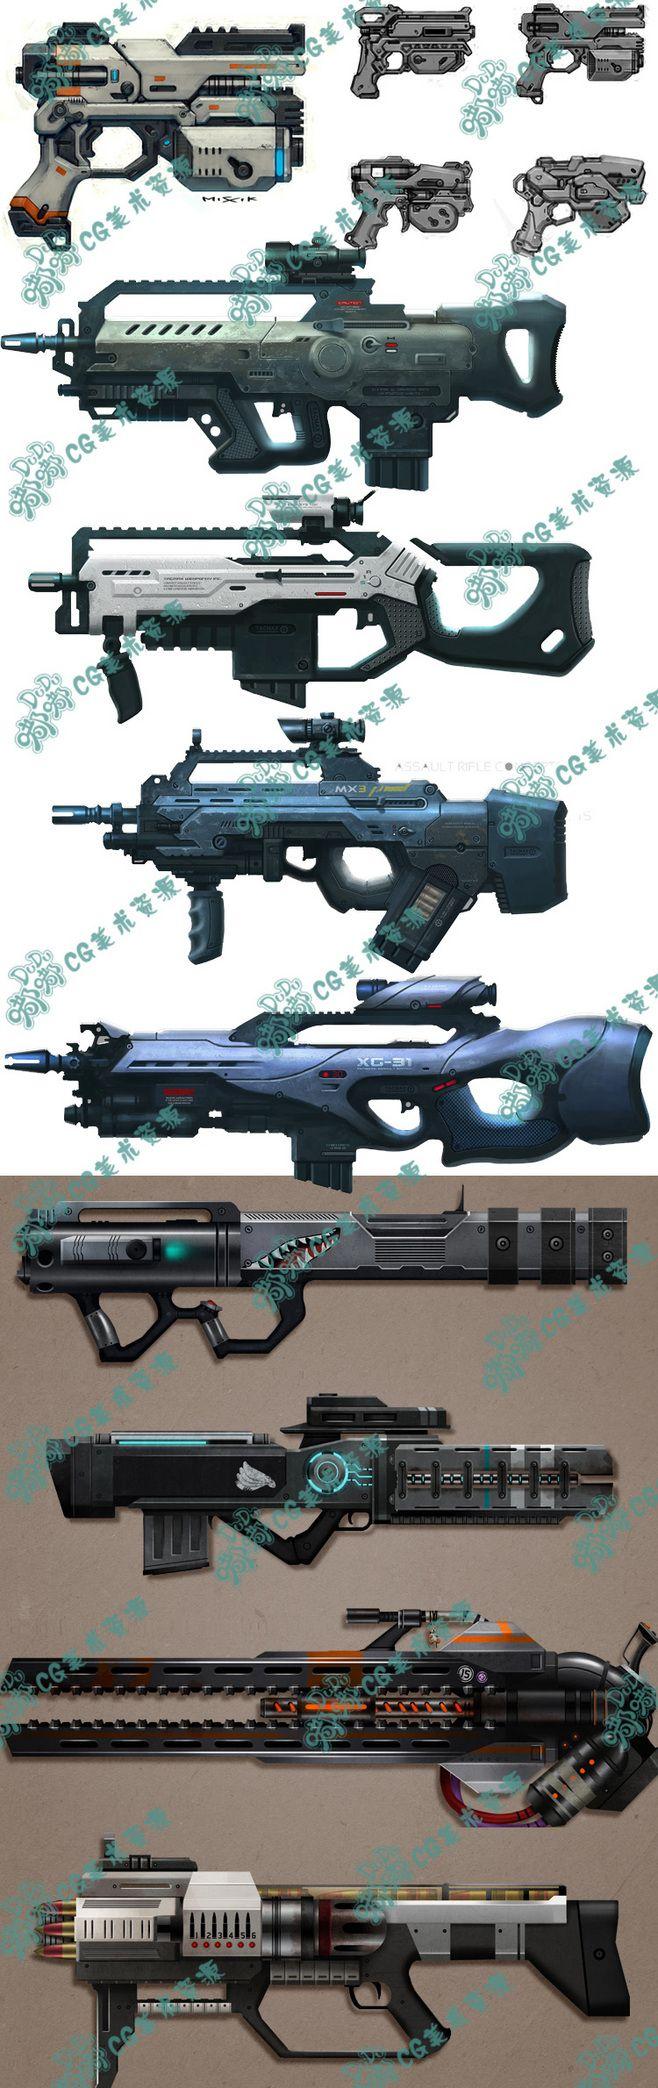 390 游戏科幻武器 射击类游戏枪支照片...